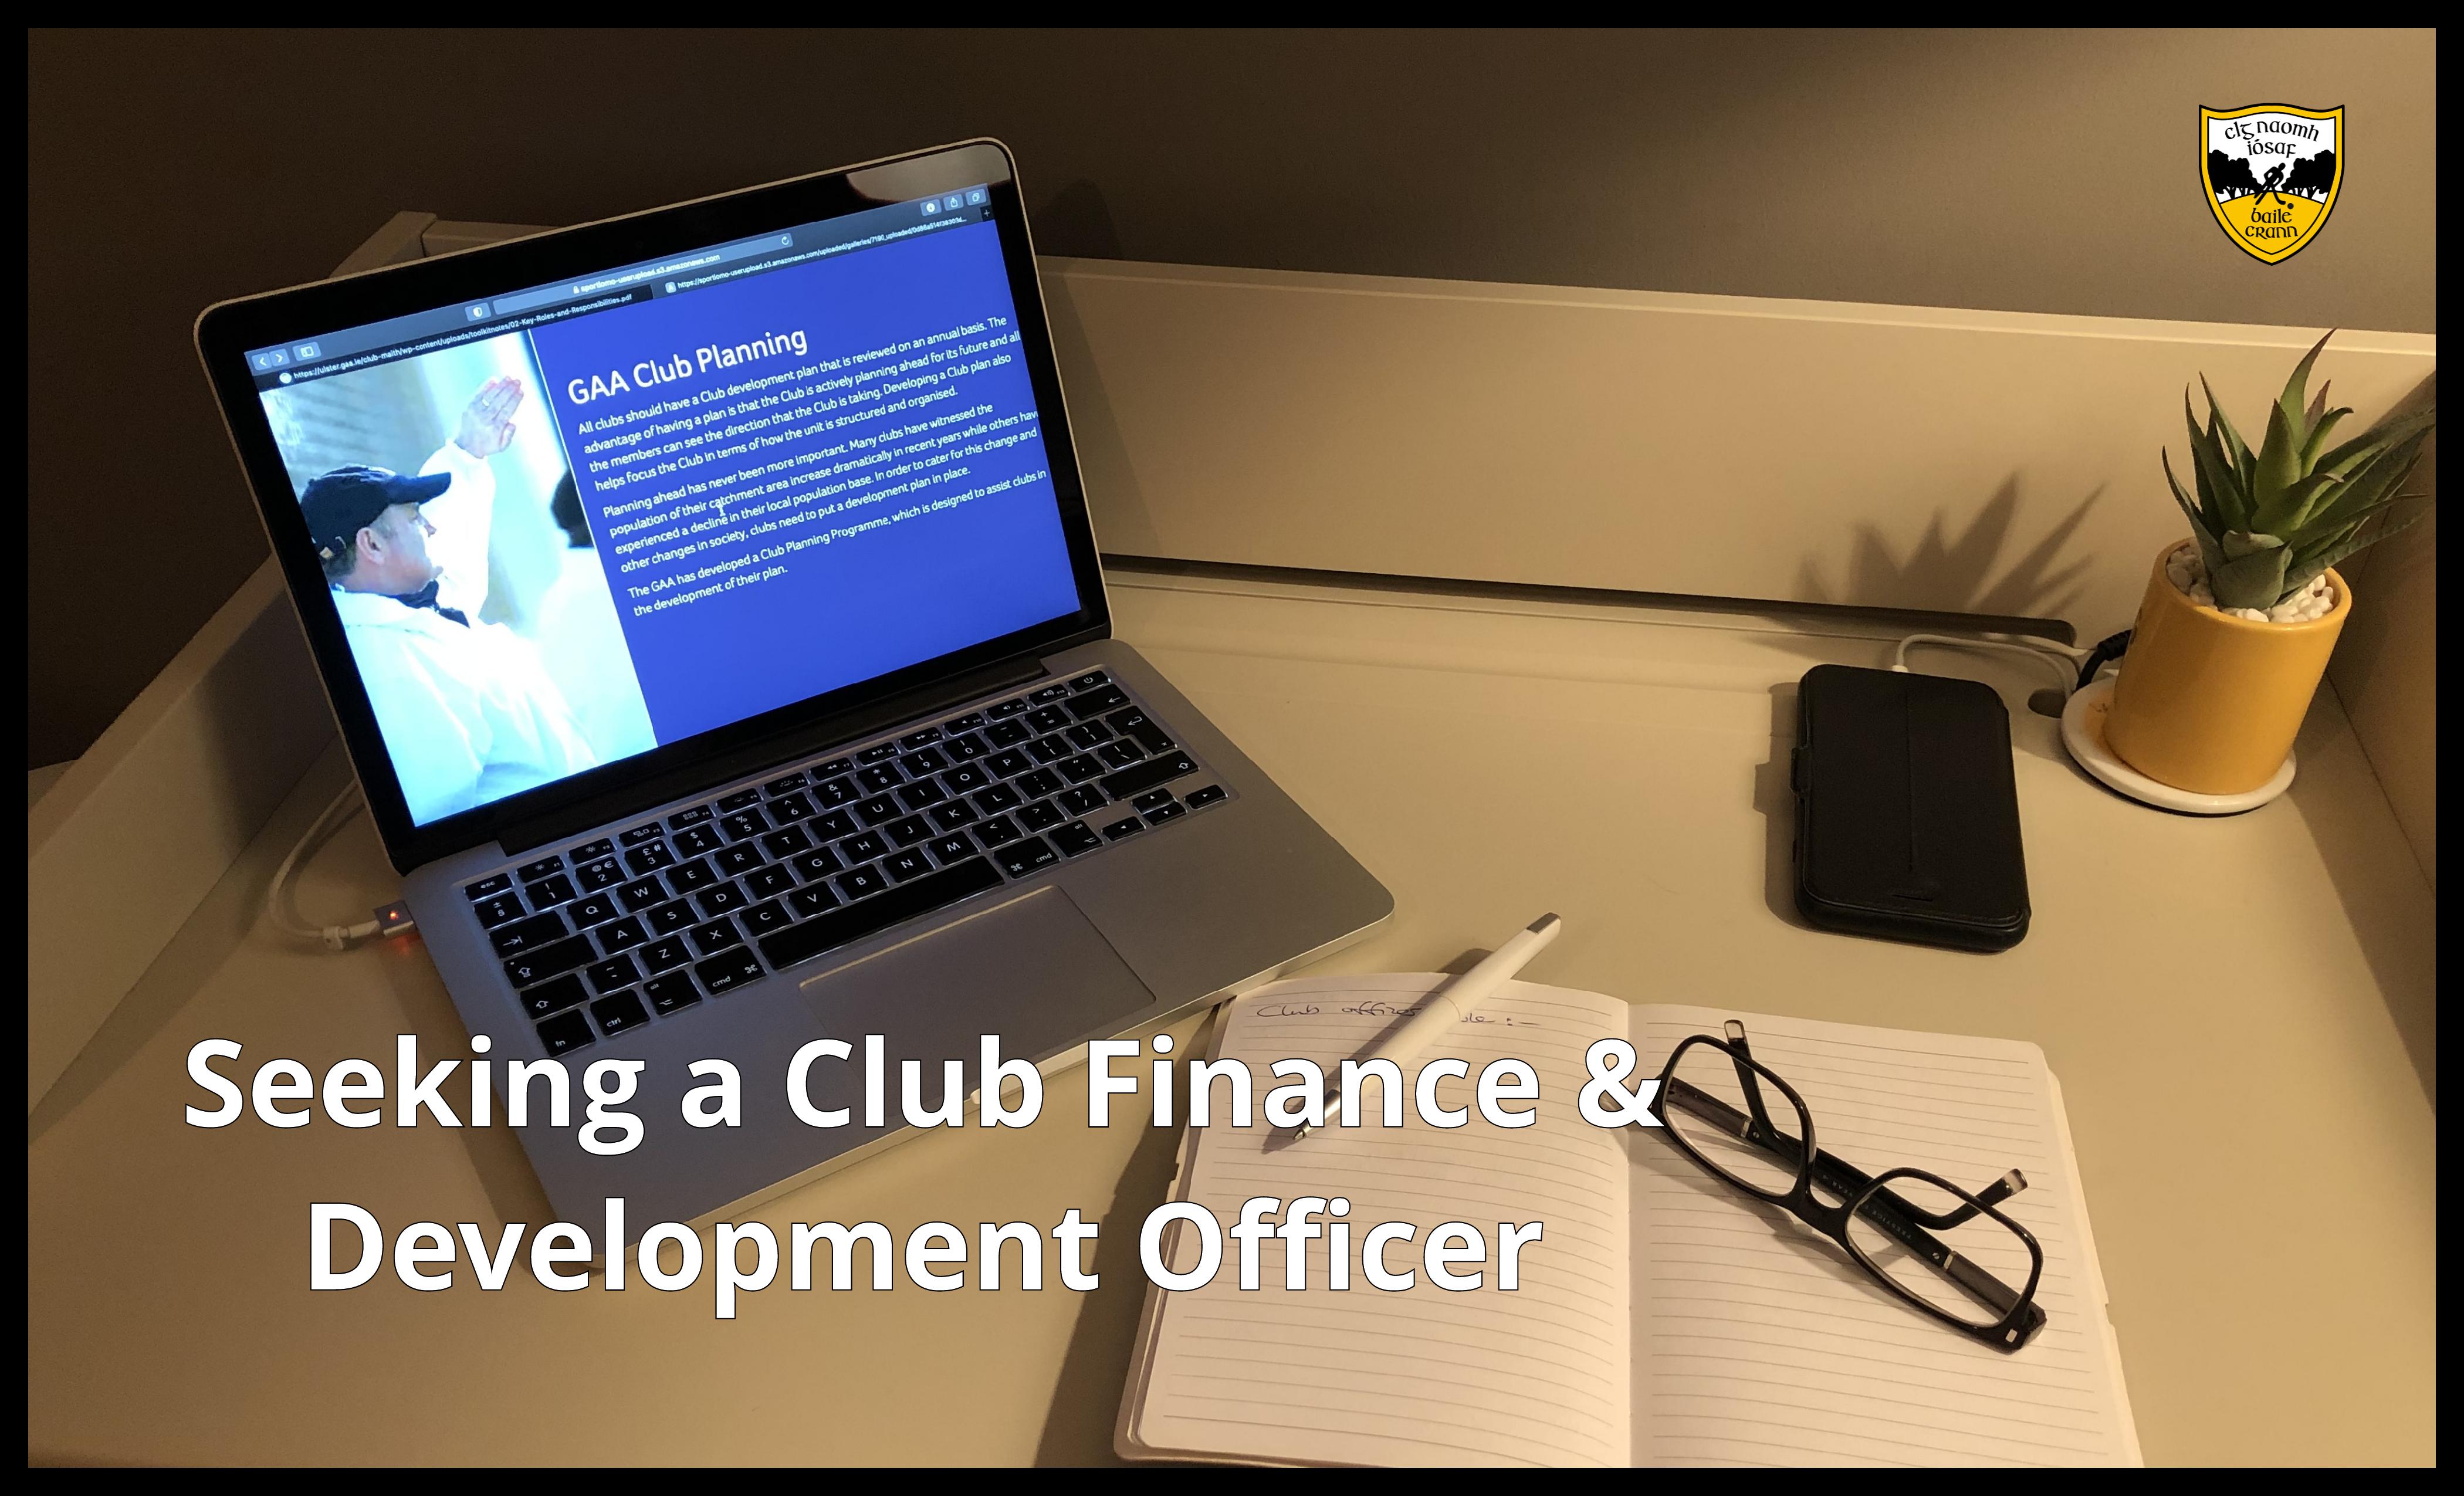 Seeking a Club Finance & Development Officer